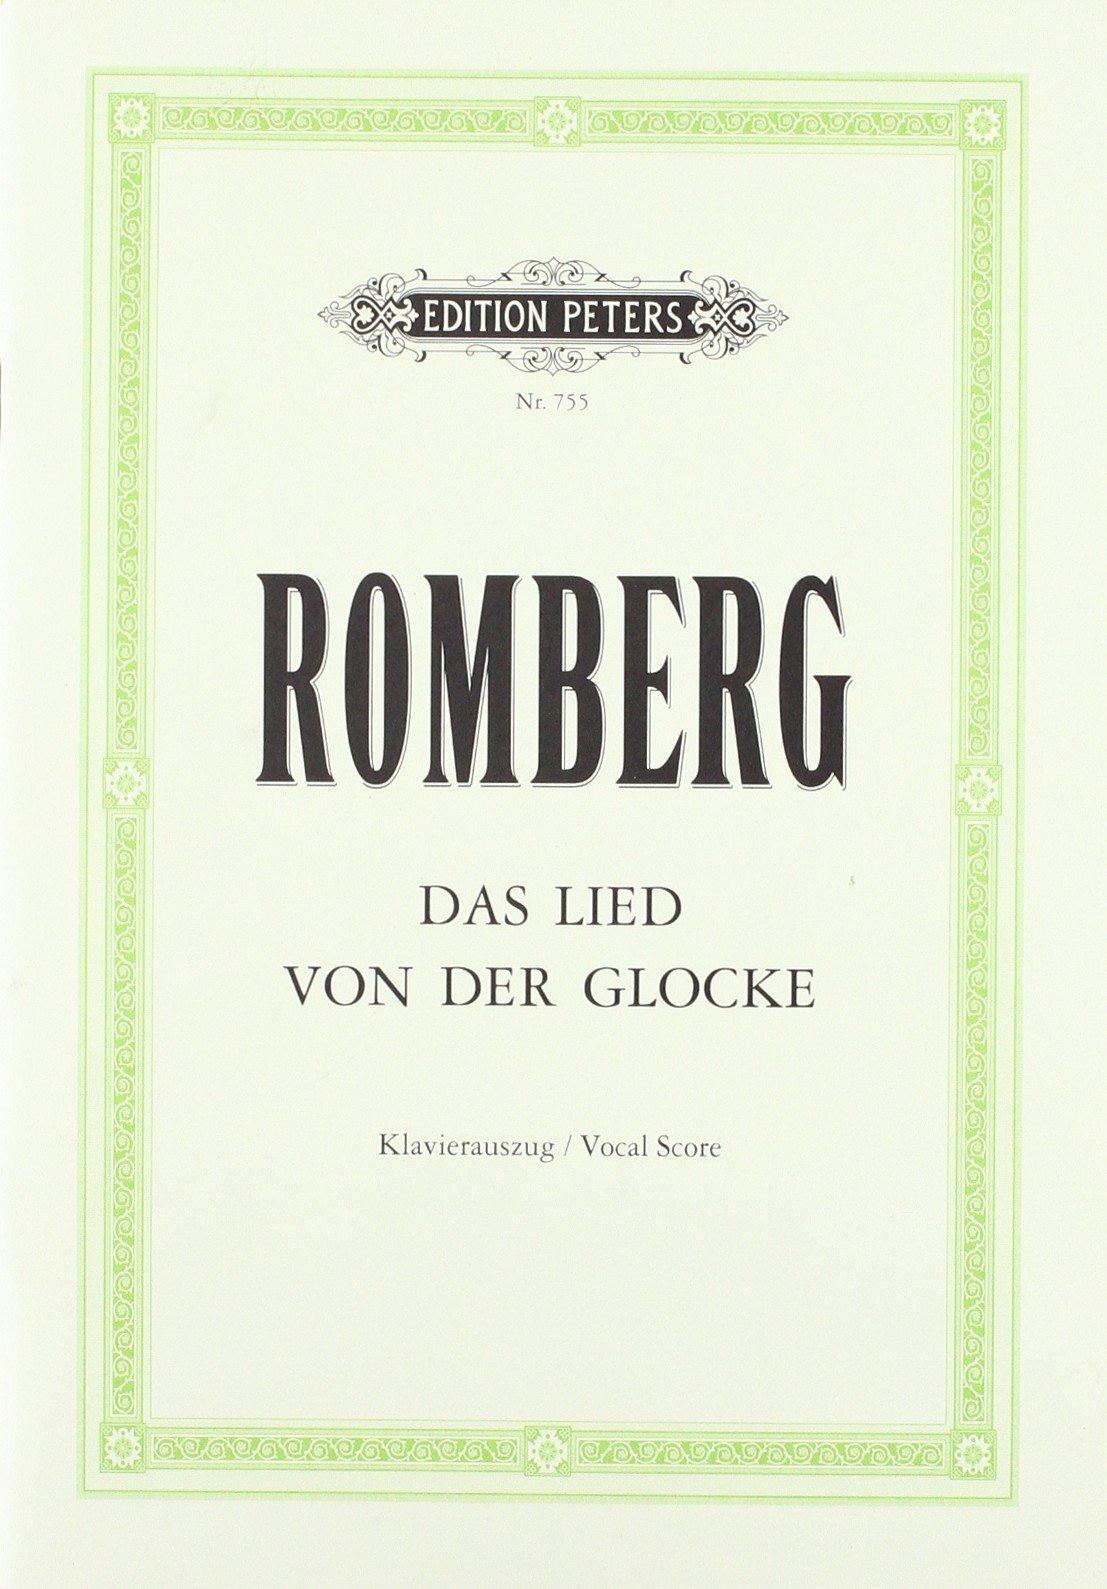 Das Lied von der Glocke: für Solostimmen, gemischter Chor und Orchester / Klavierauszug (Allemand) Brochure Andreas Romberg Friedrich von Schiller Peters C. F. Musikverlag